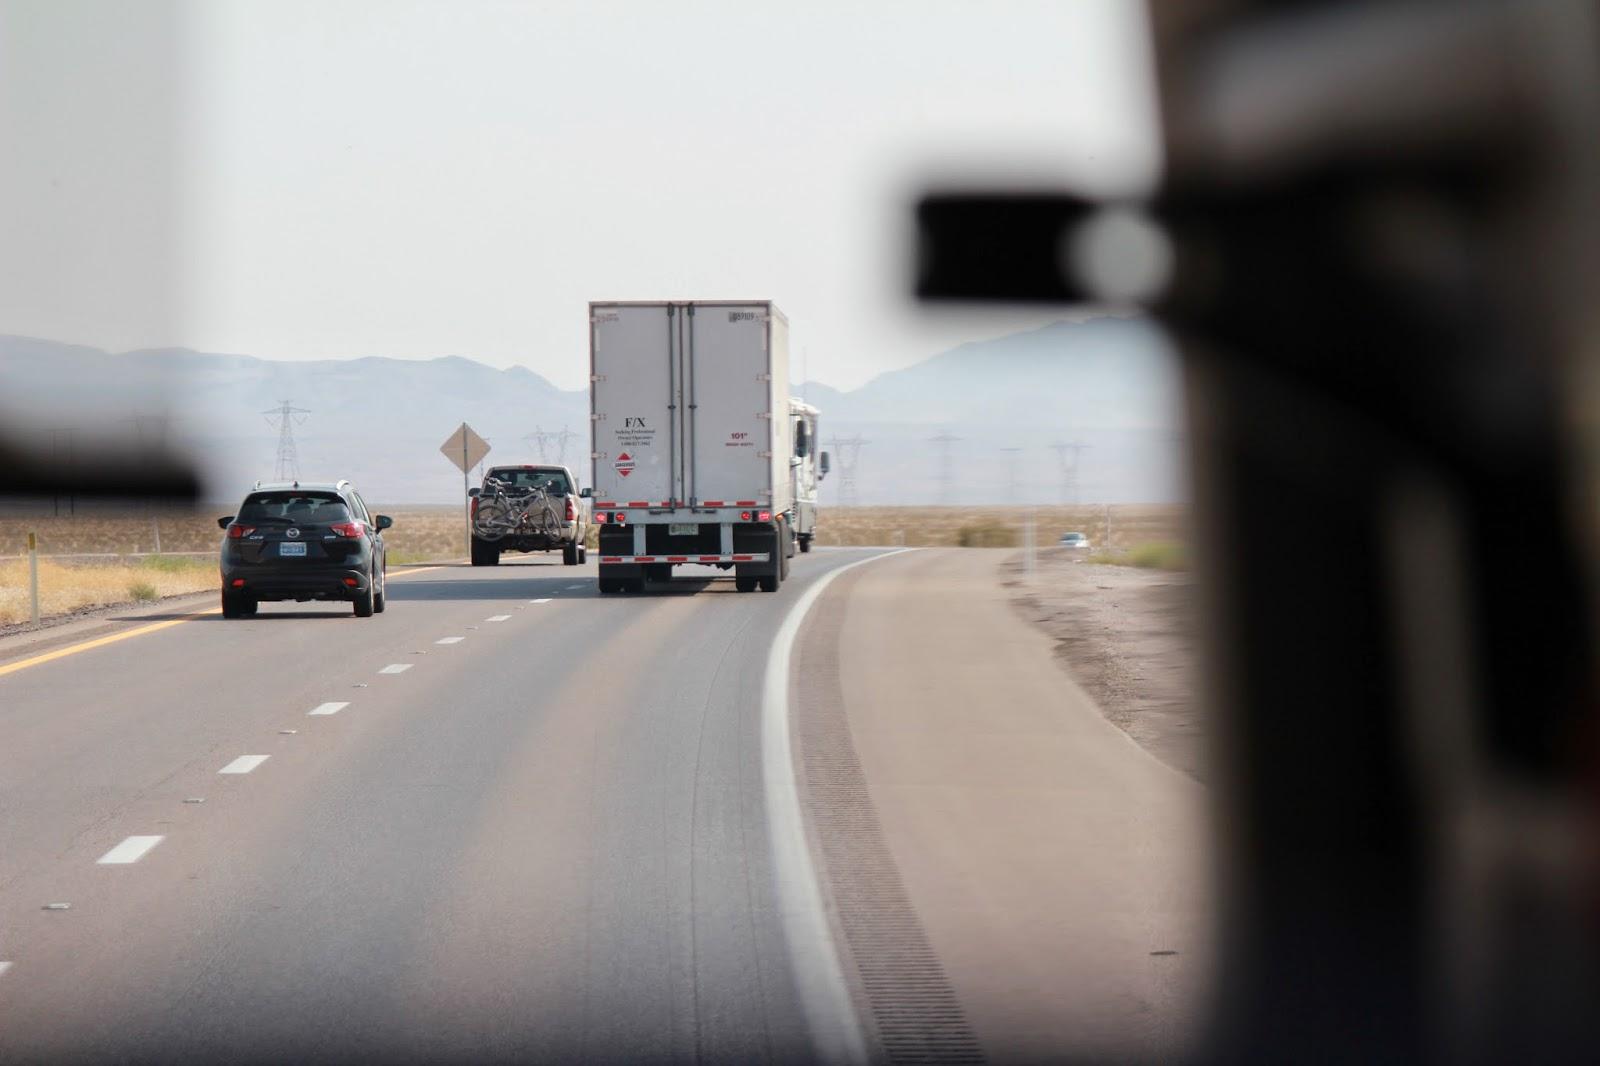 アメリカの道は広くてまっすぐです